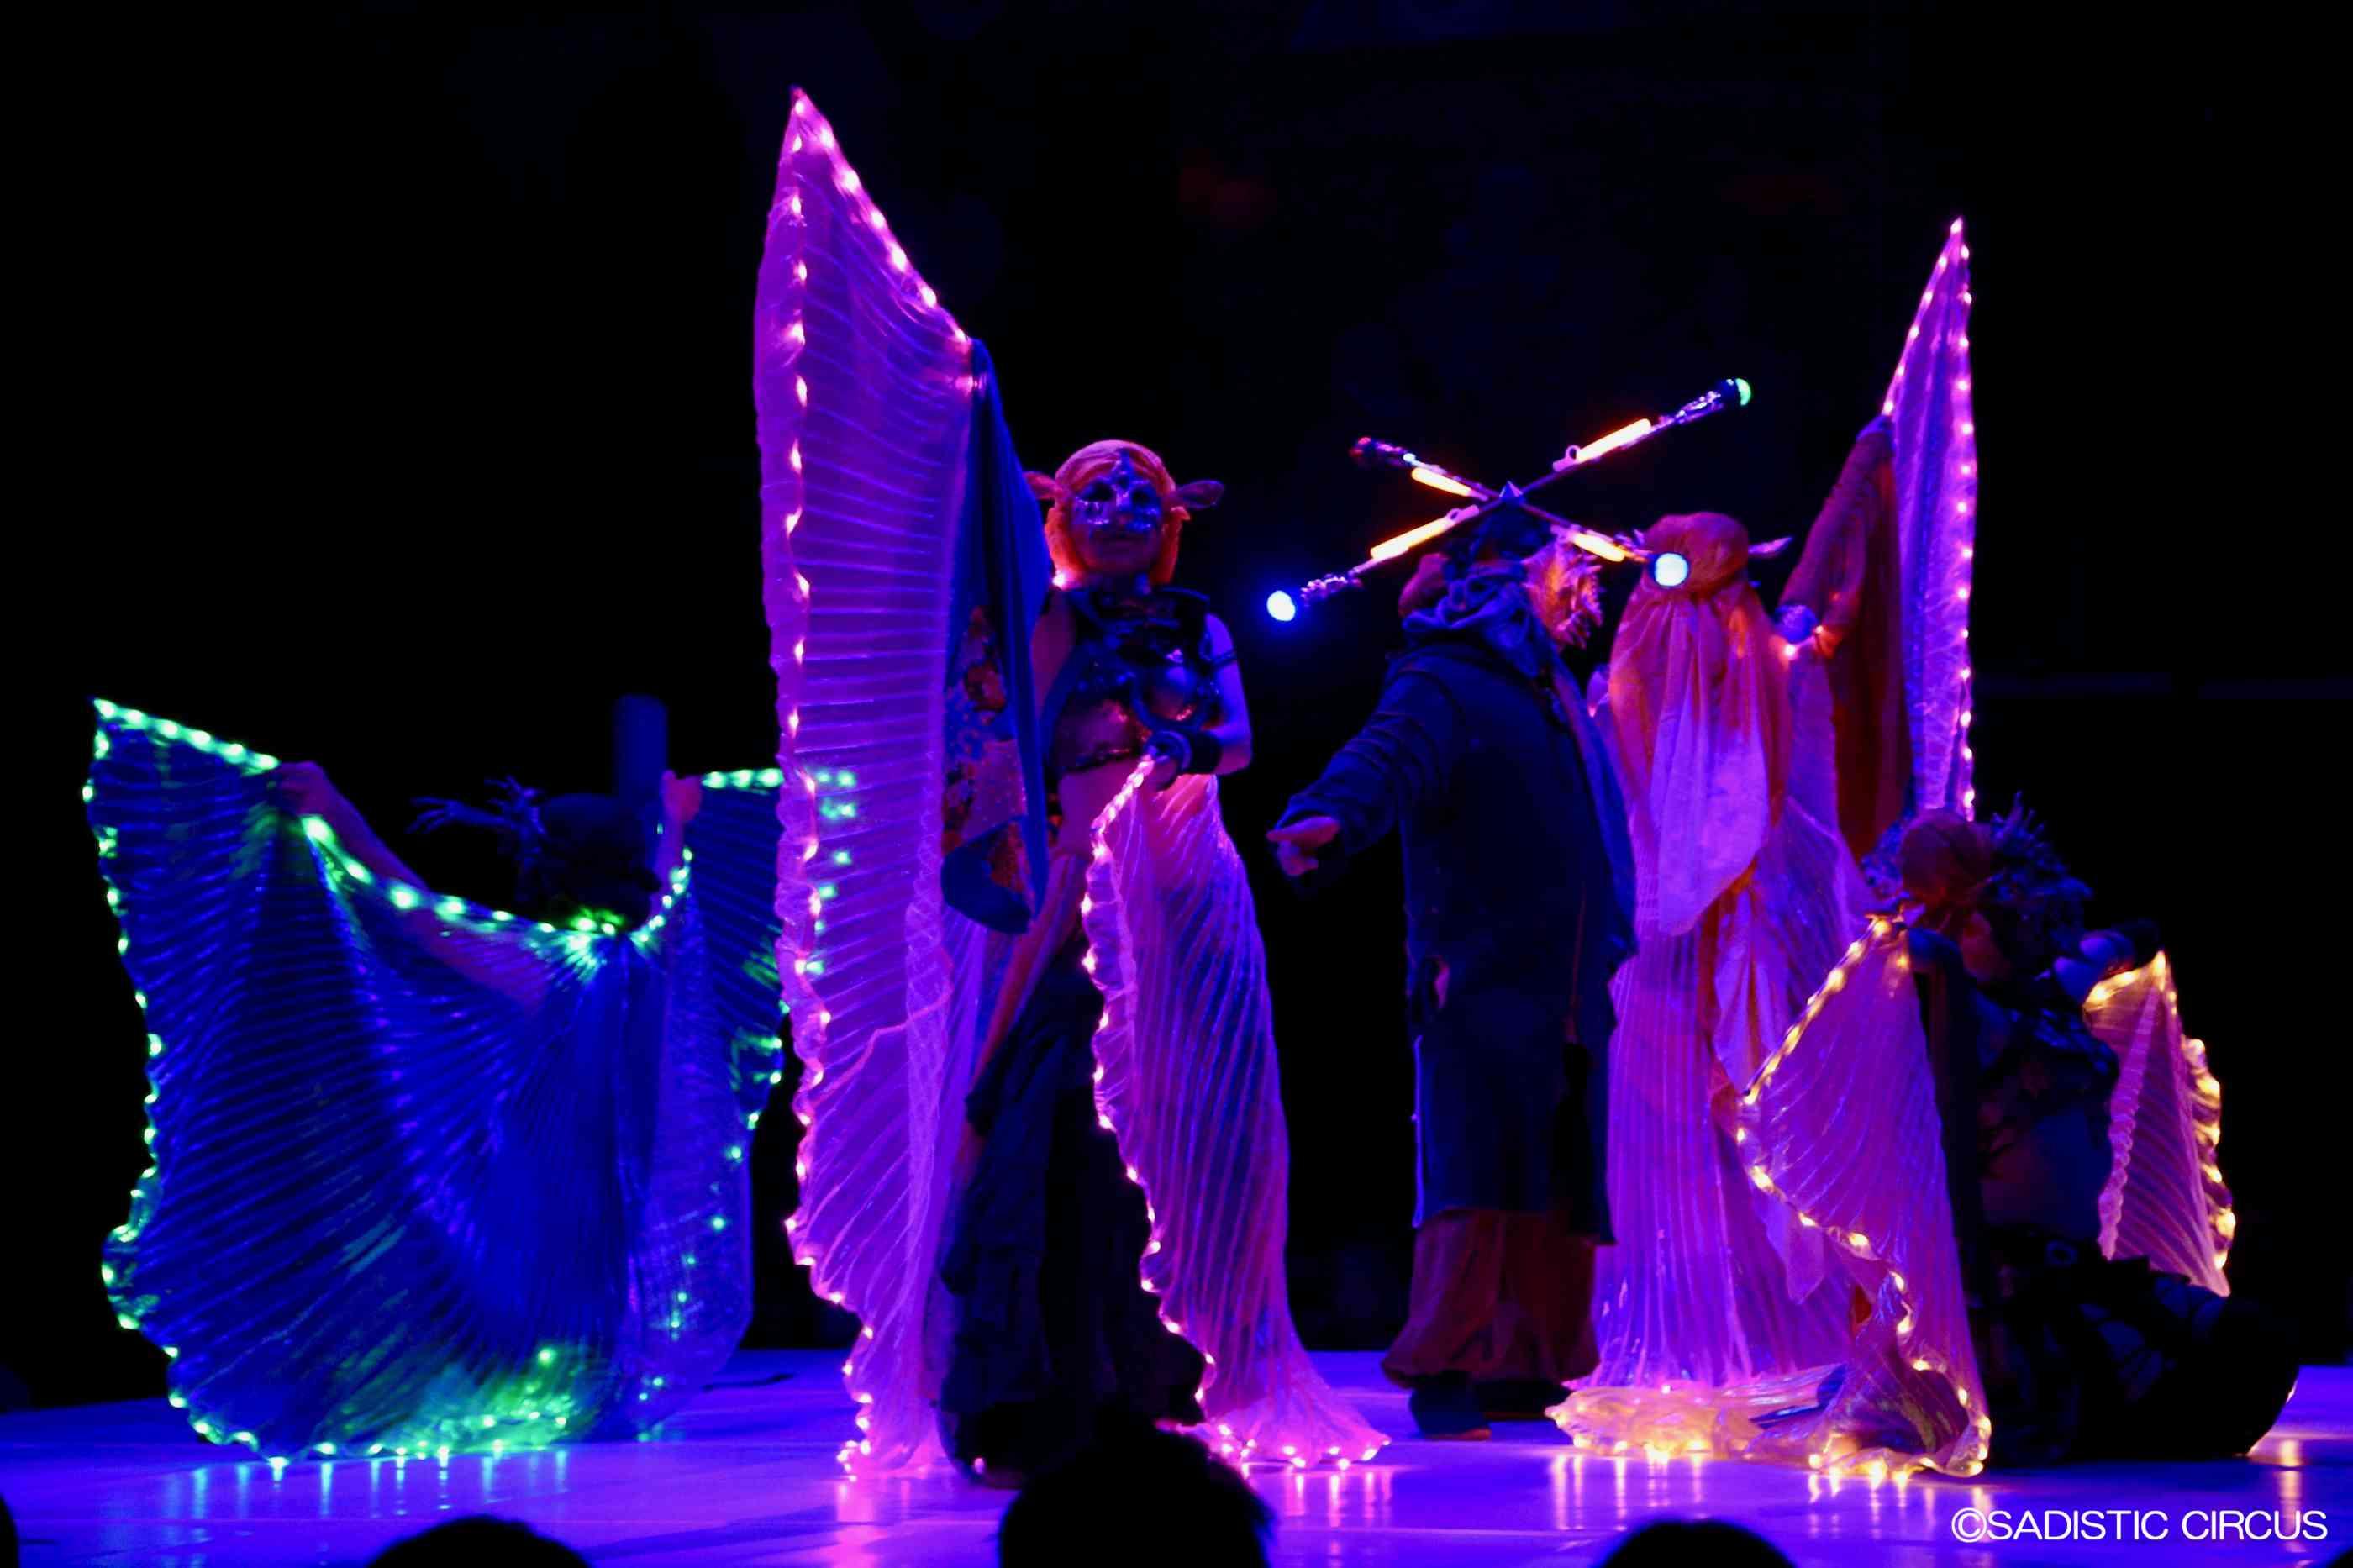 仮面ダンサーのライトパフォーマンス